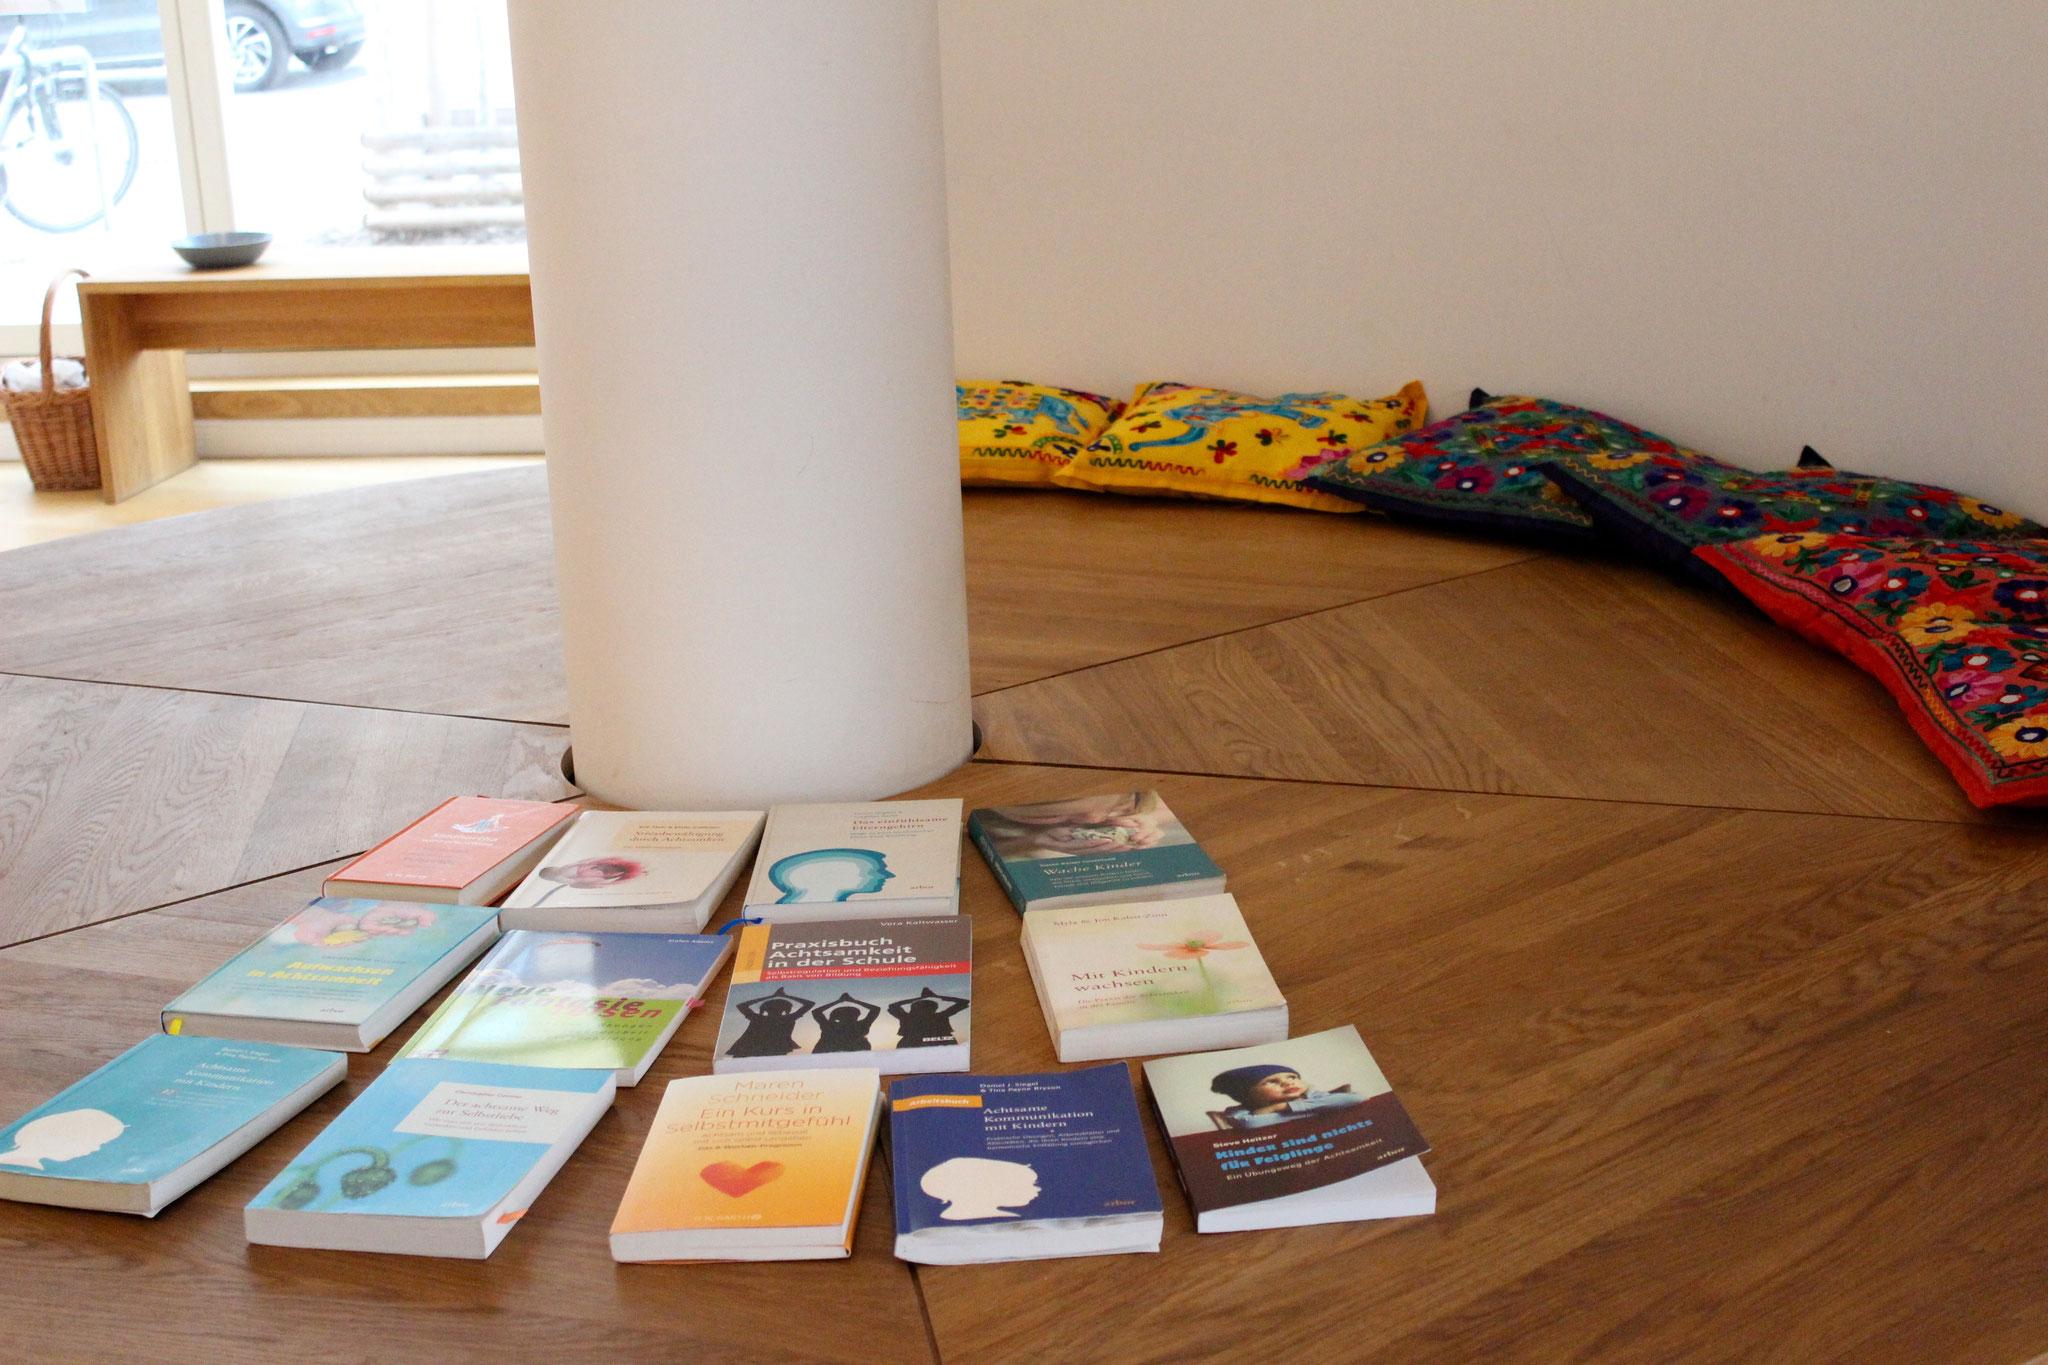 Es gibt so viele schöne Bücher ...